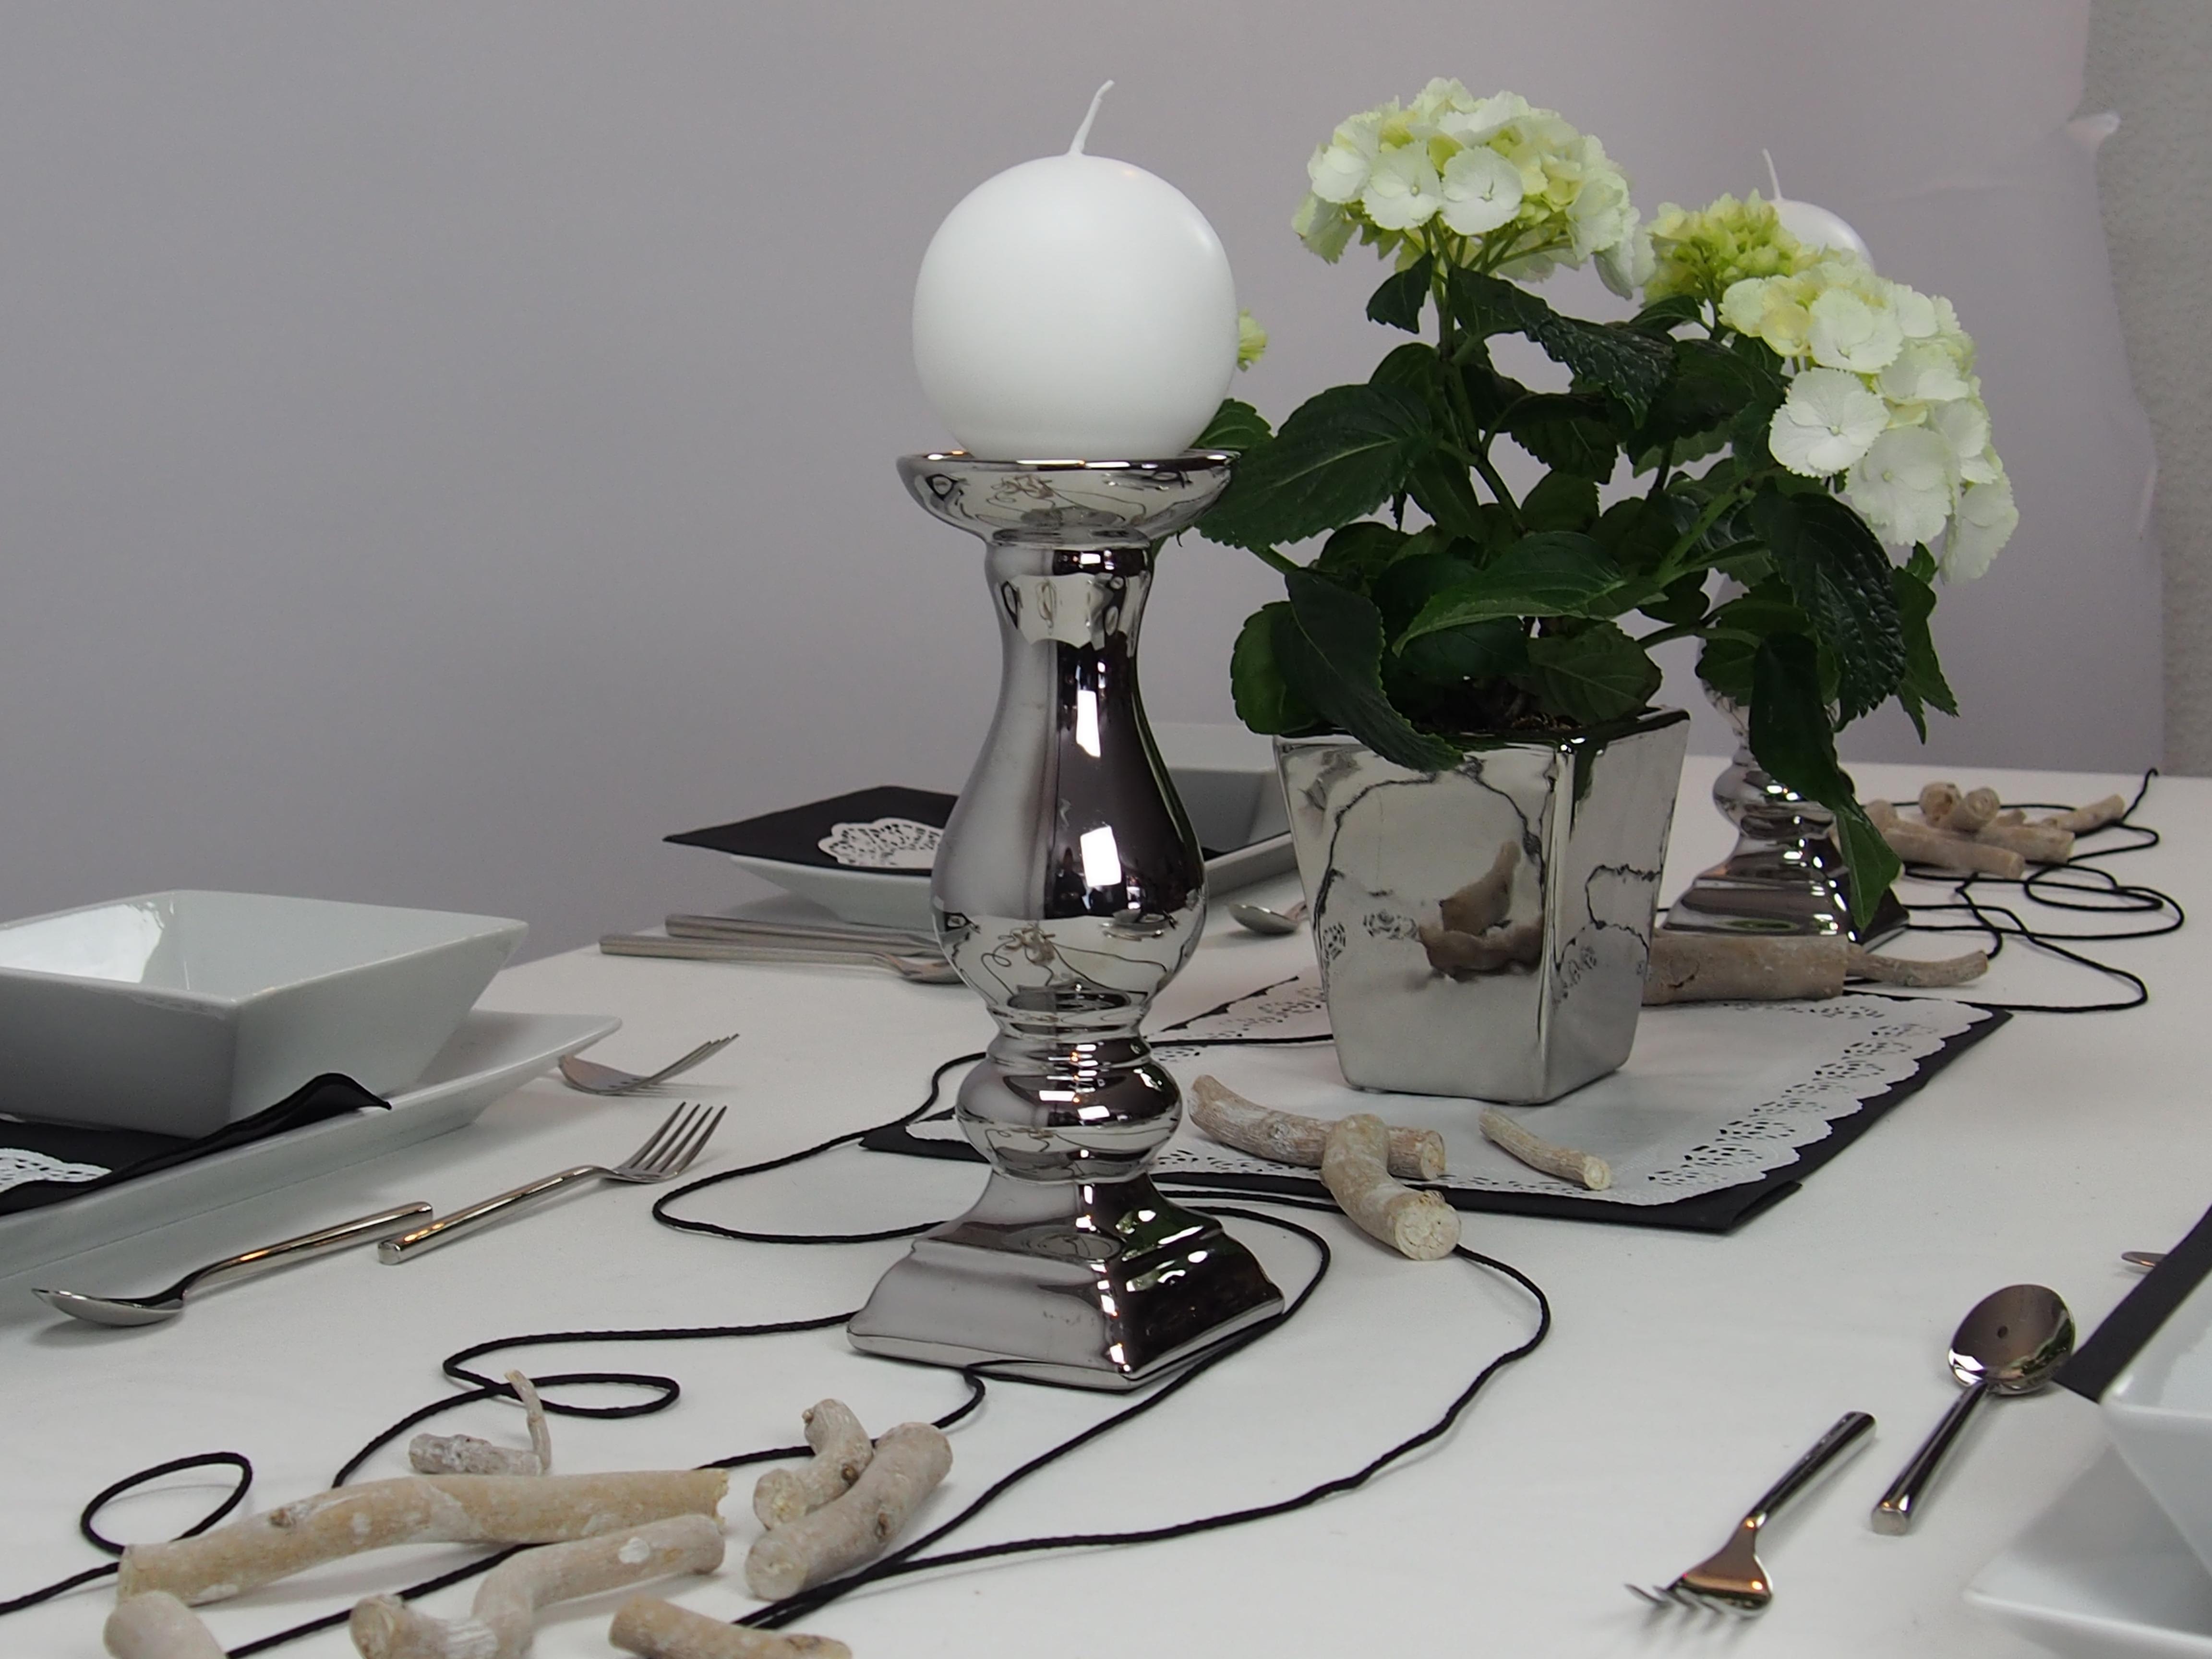 Creatina tischdeko box silber als set kontrast reich f r 8 10 personen 19 teilig - Tischdeko silber ...